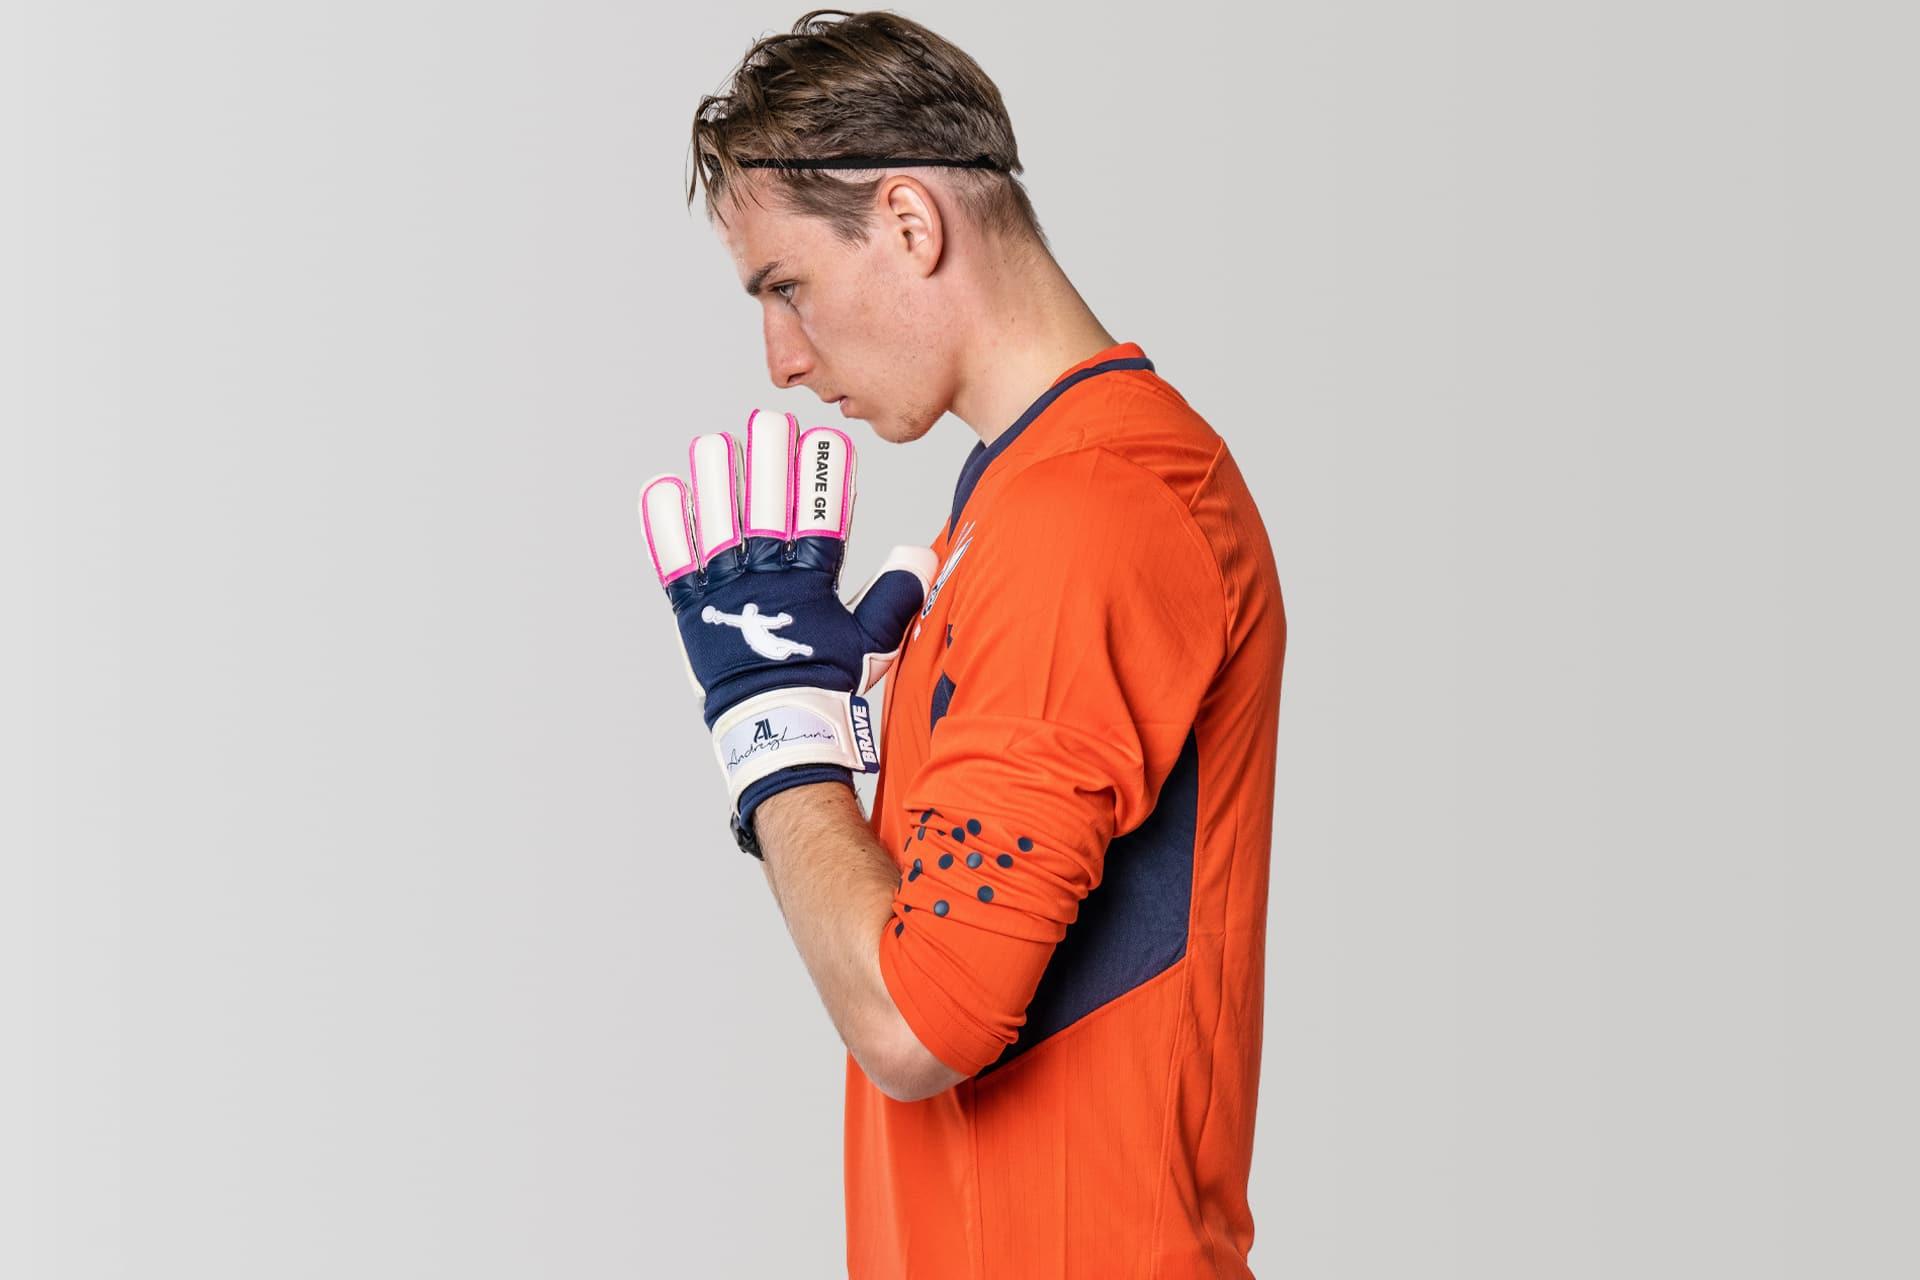 Андрей Лунин играет в перчатках Brave GK Unique - магазин Brave GK